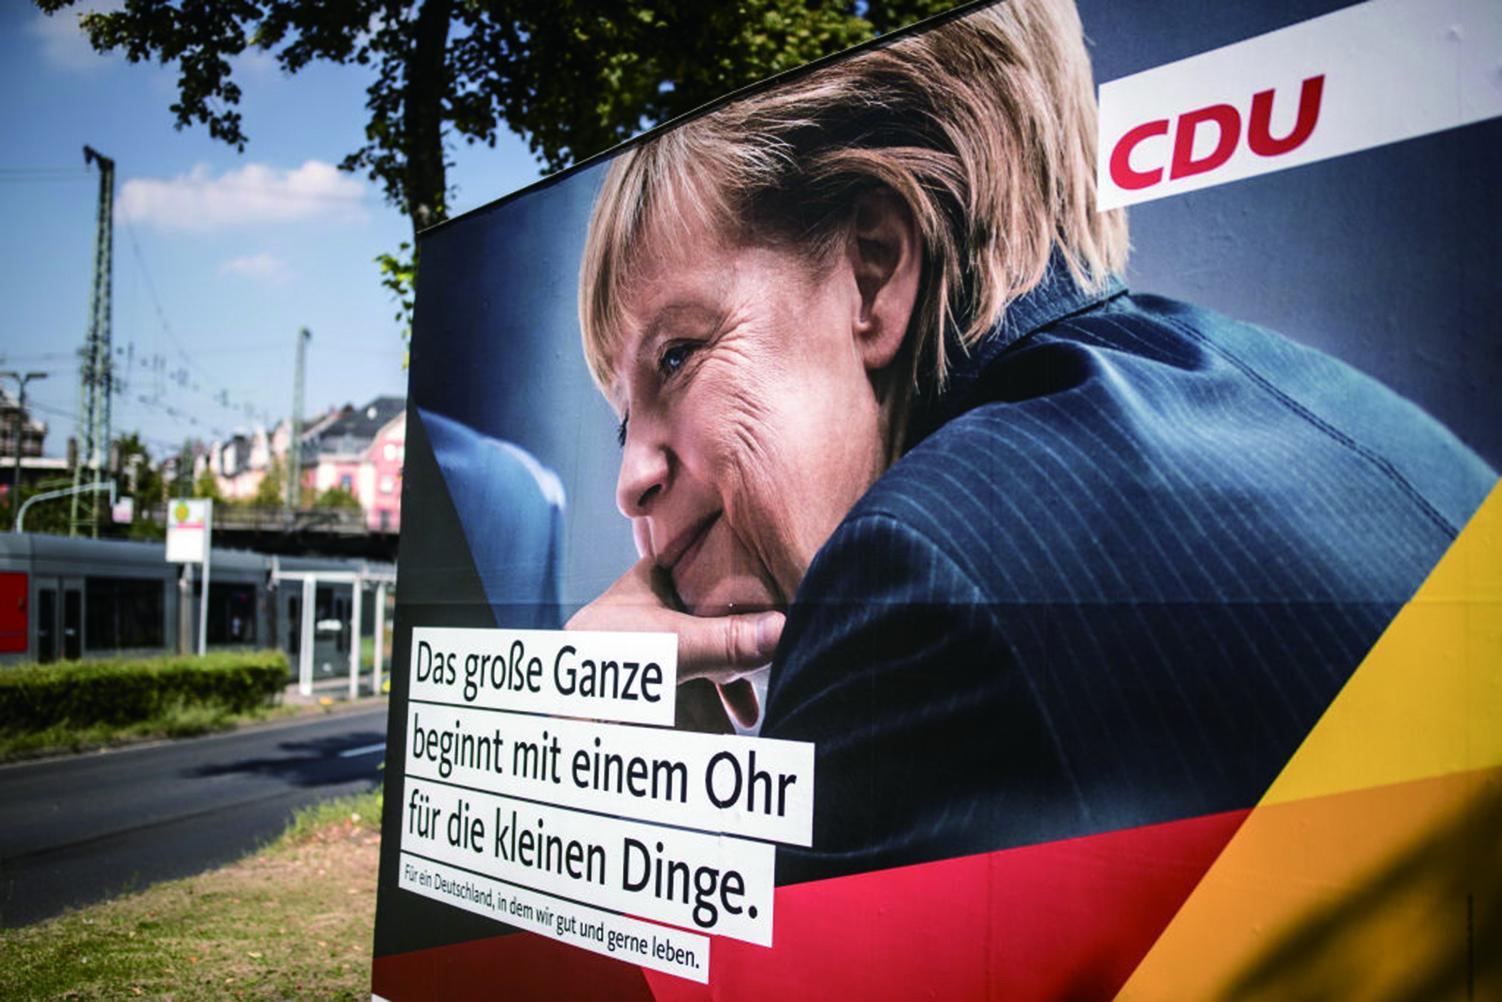 德國大選,默克爾承諾在2025年前達至全民就業,興建更多房屋及實施更多稅務寬免。(Getty Images)